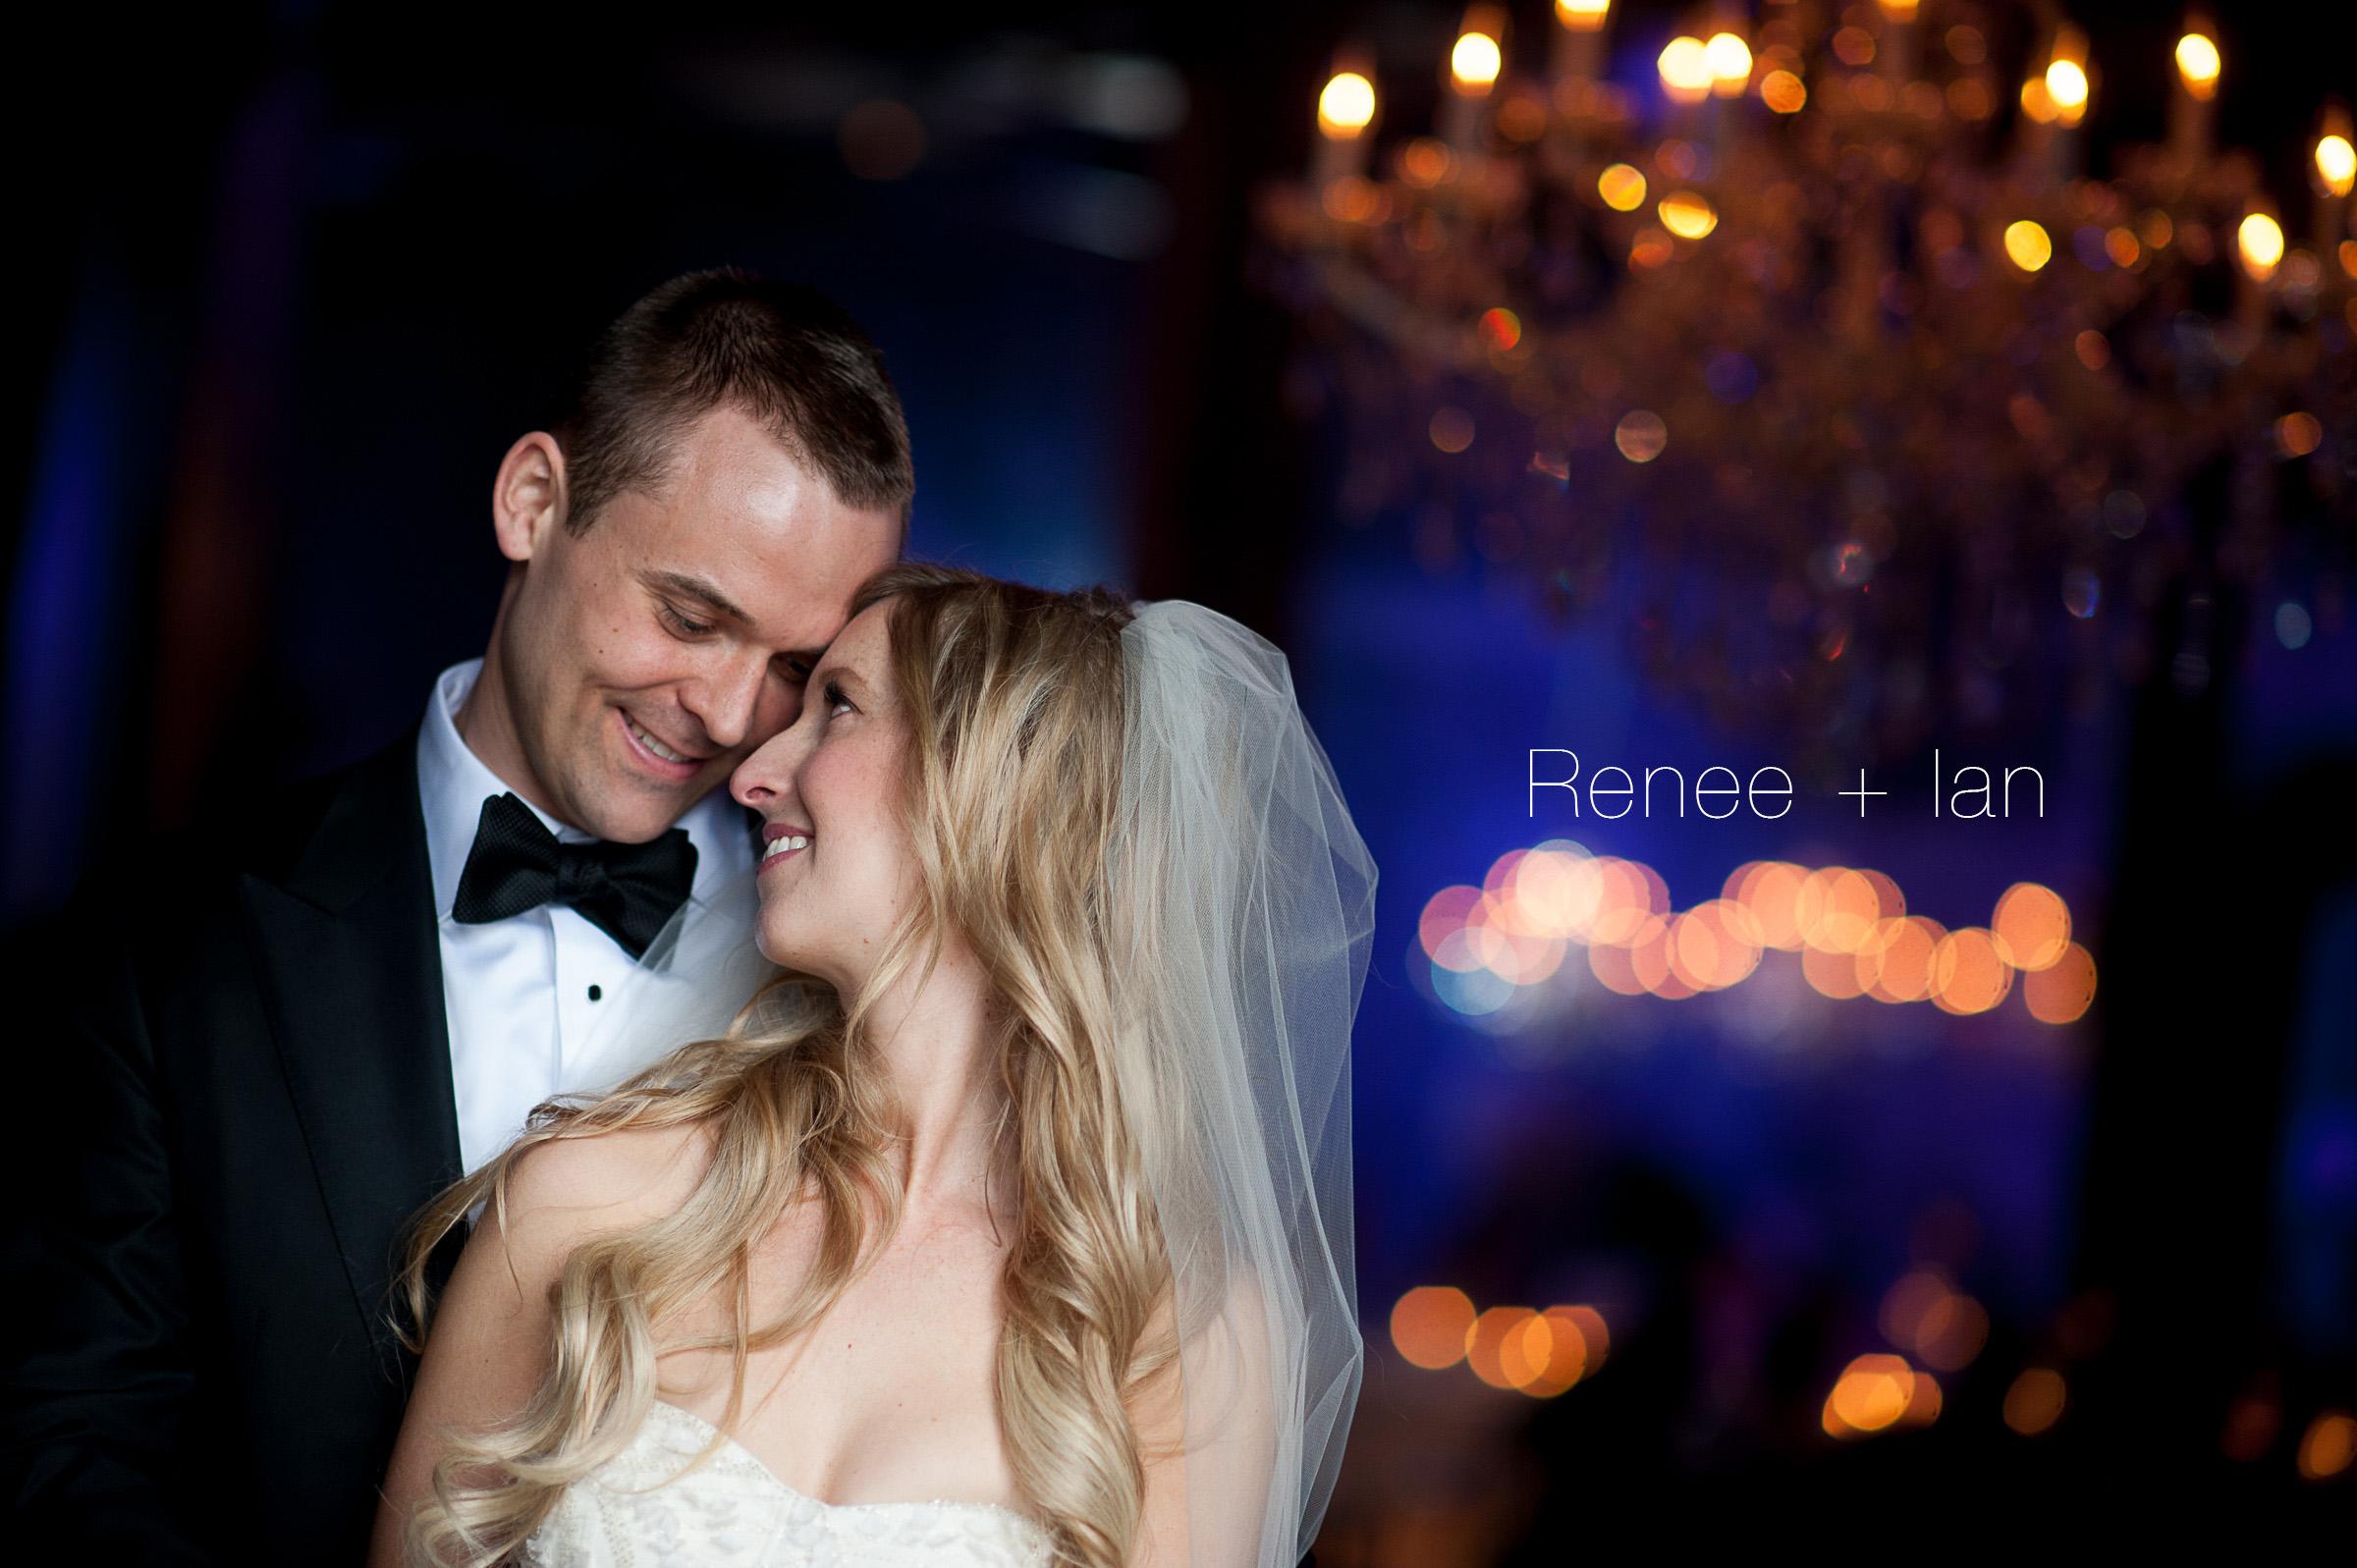 renee-ian-wedding-slideshow-050.jpg